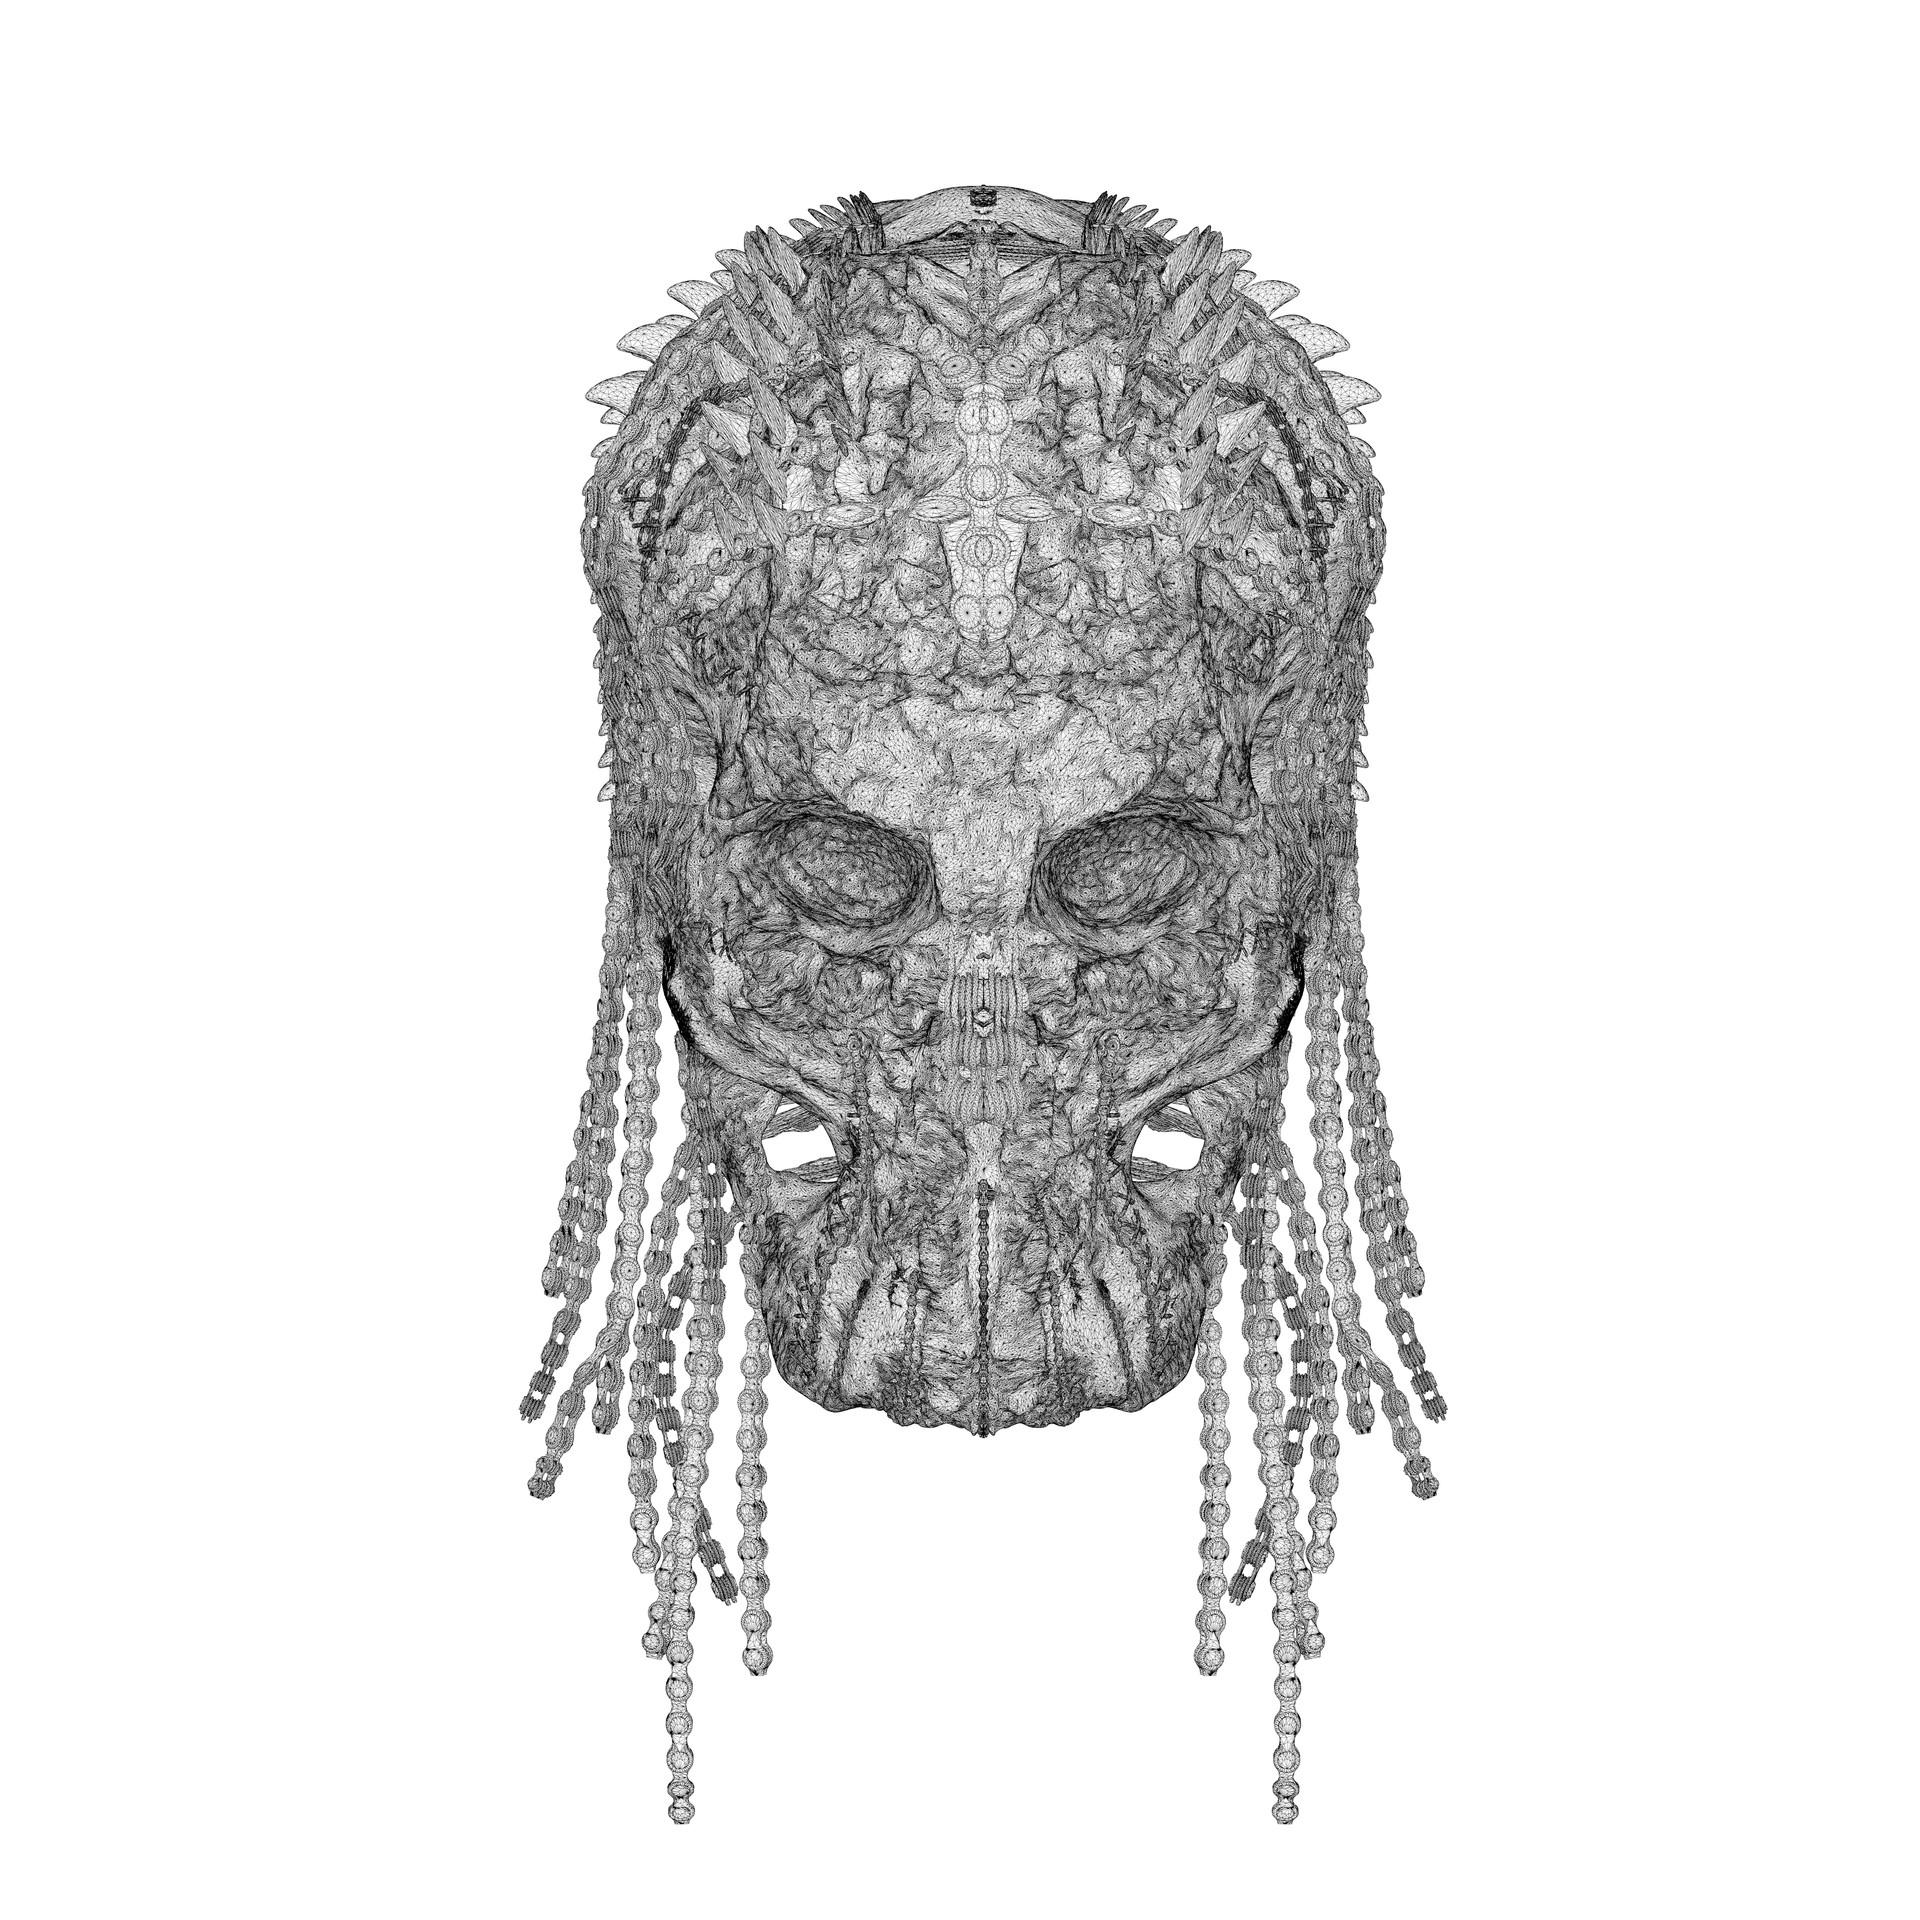 Kresimir jelusic robob3ar 374 211016 skl 21 wire